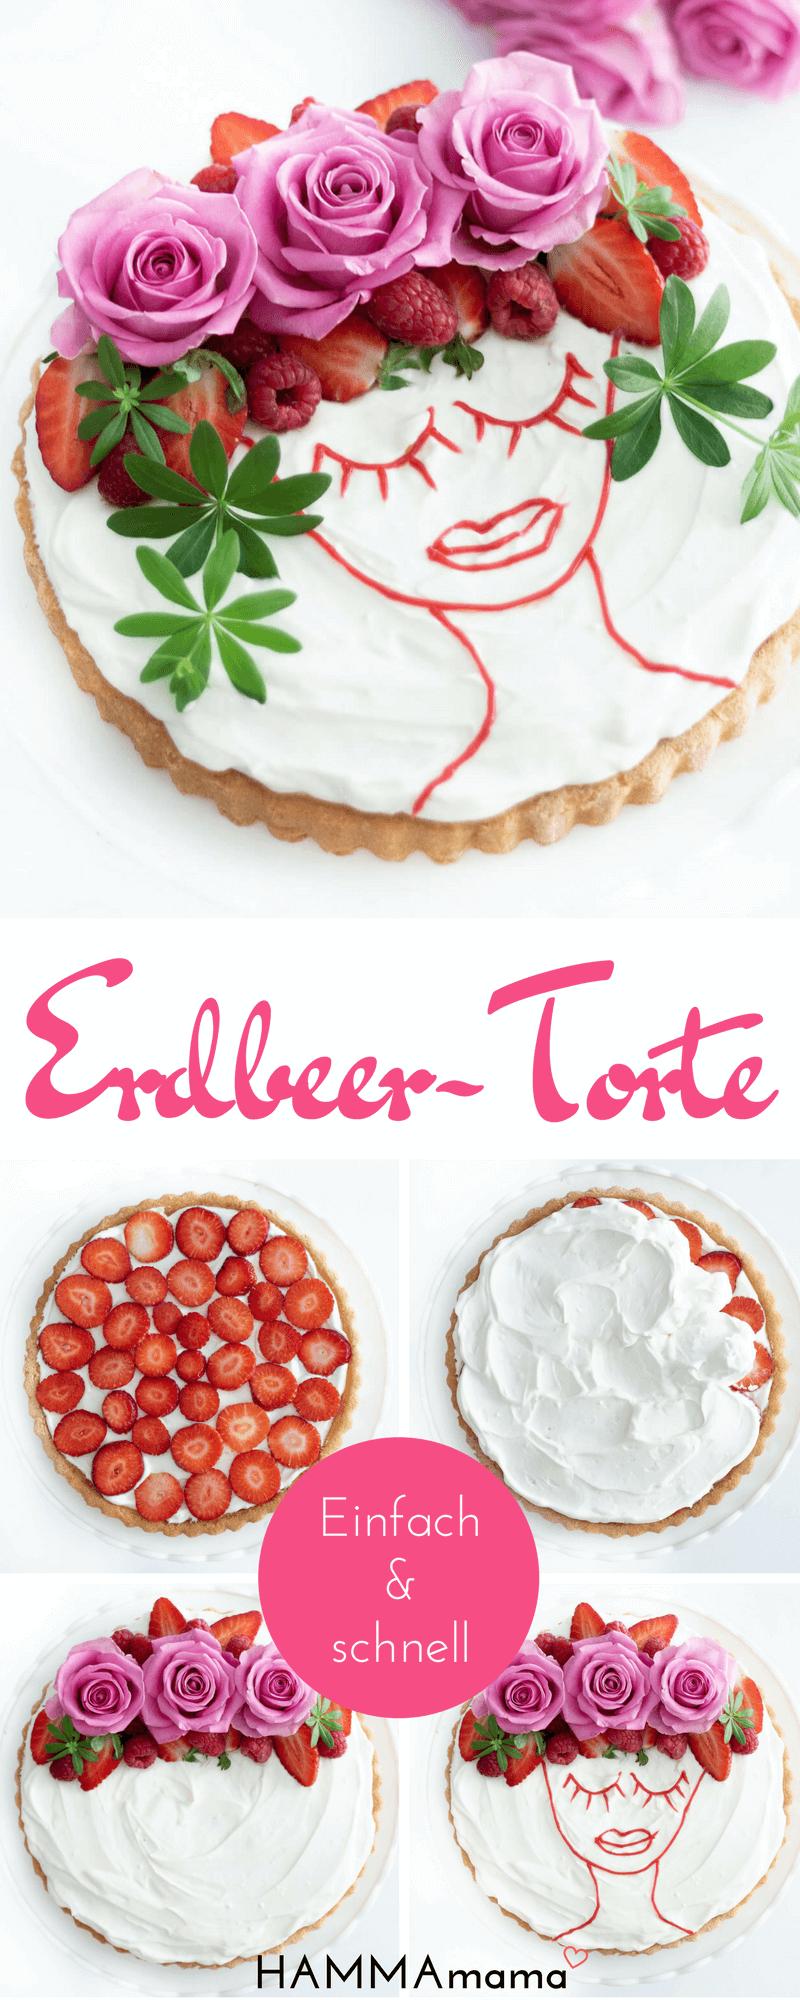 Oh là là! ° Eine trés chic Erdbeer-Torte schnell und einfach selber machen – HAMMAmama ° Skandinavisch Wohnen, Deko, DIY, Selbermachen